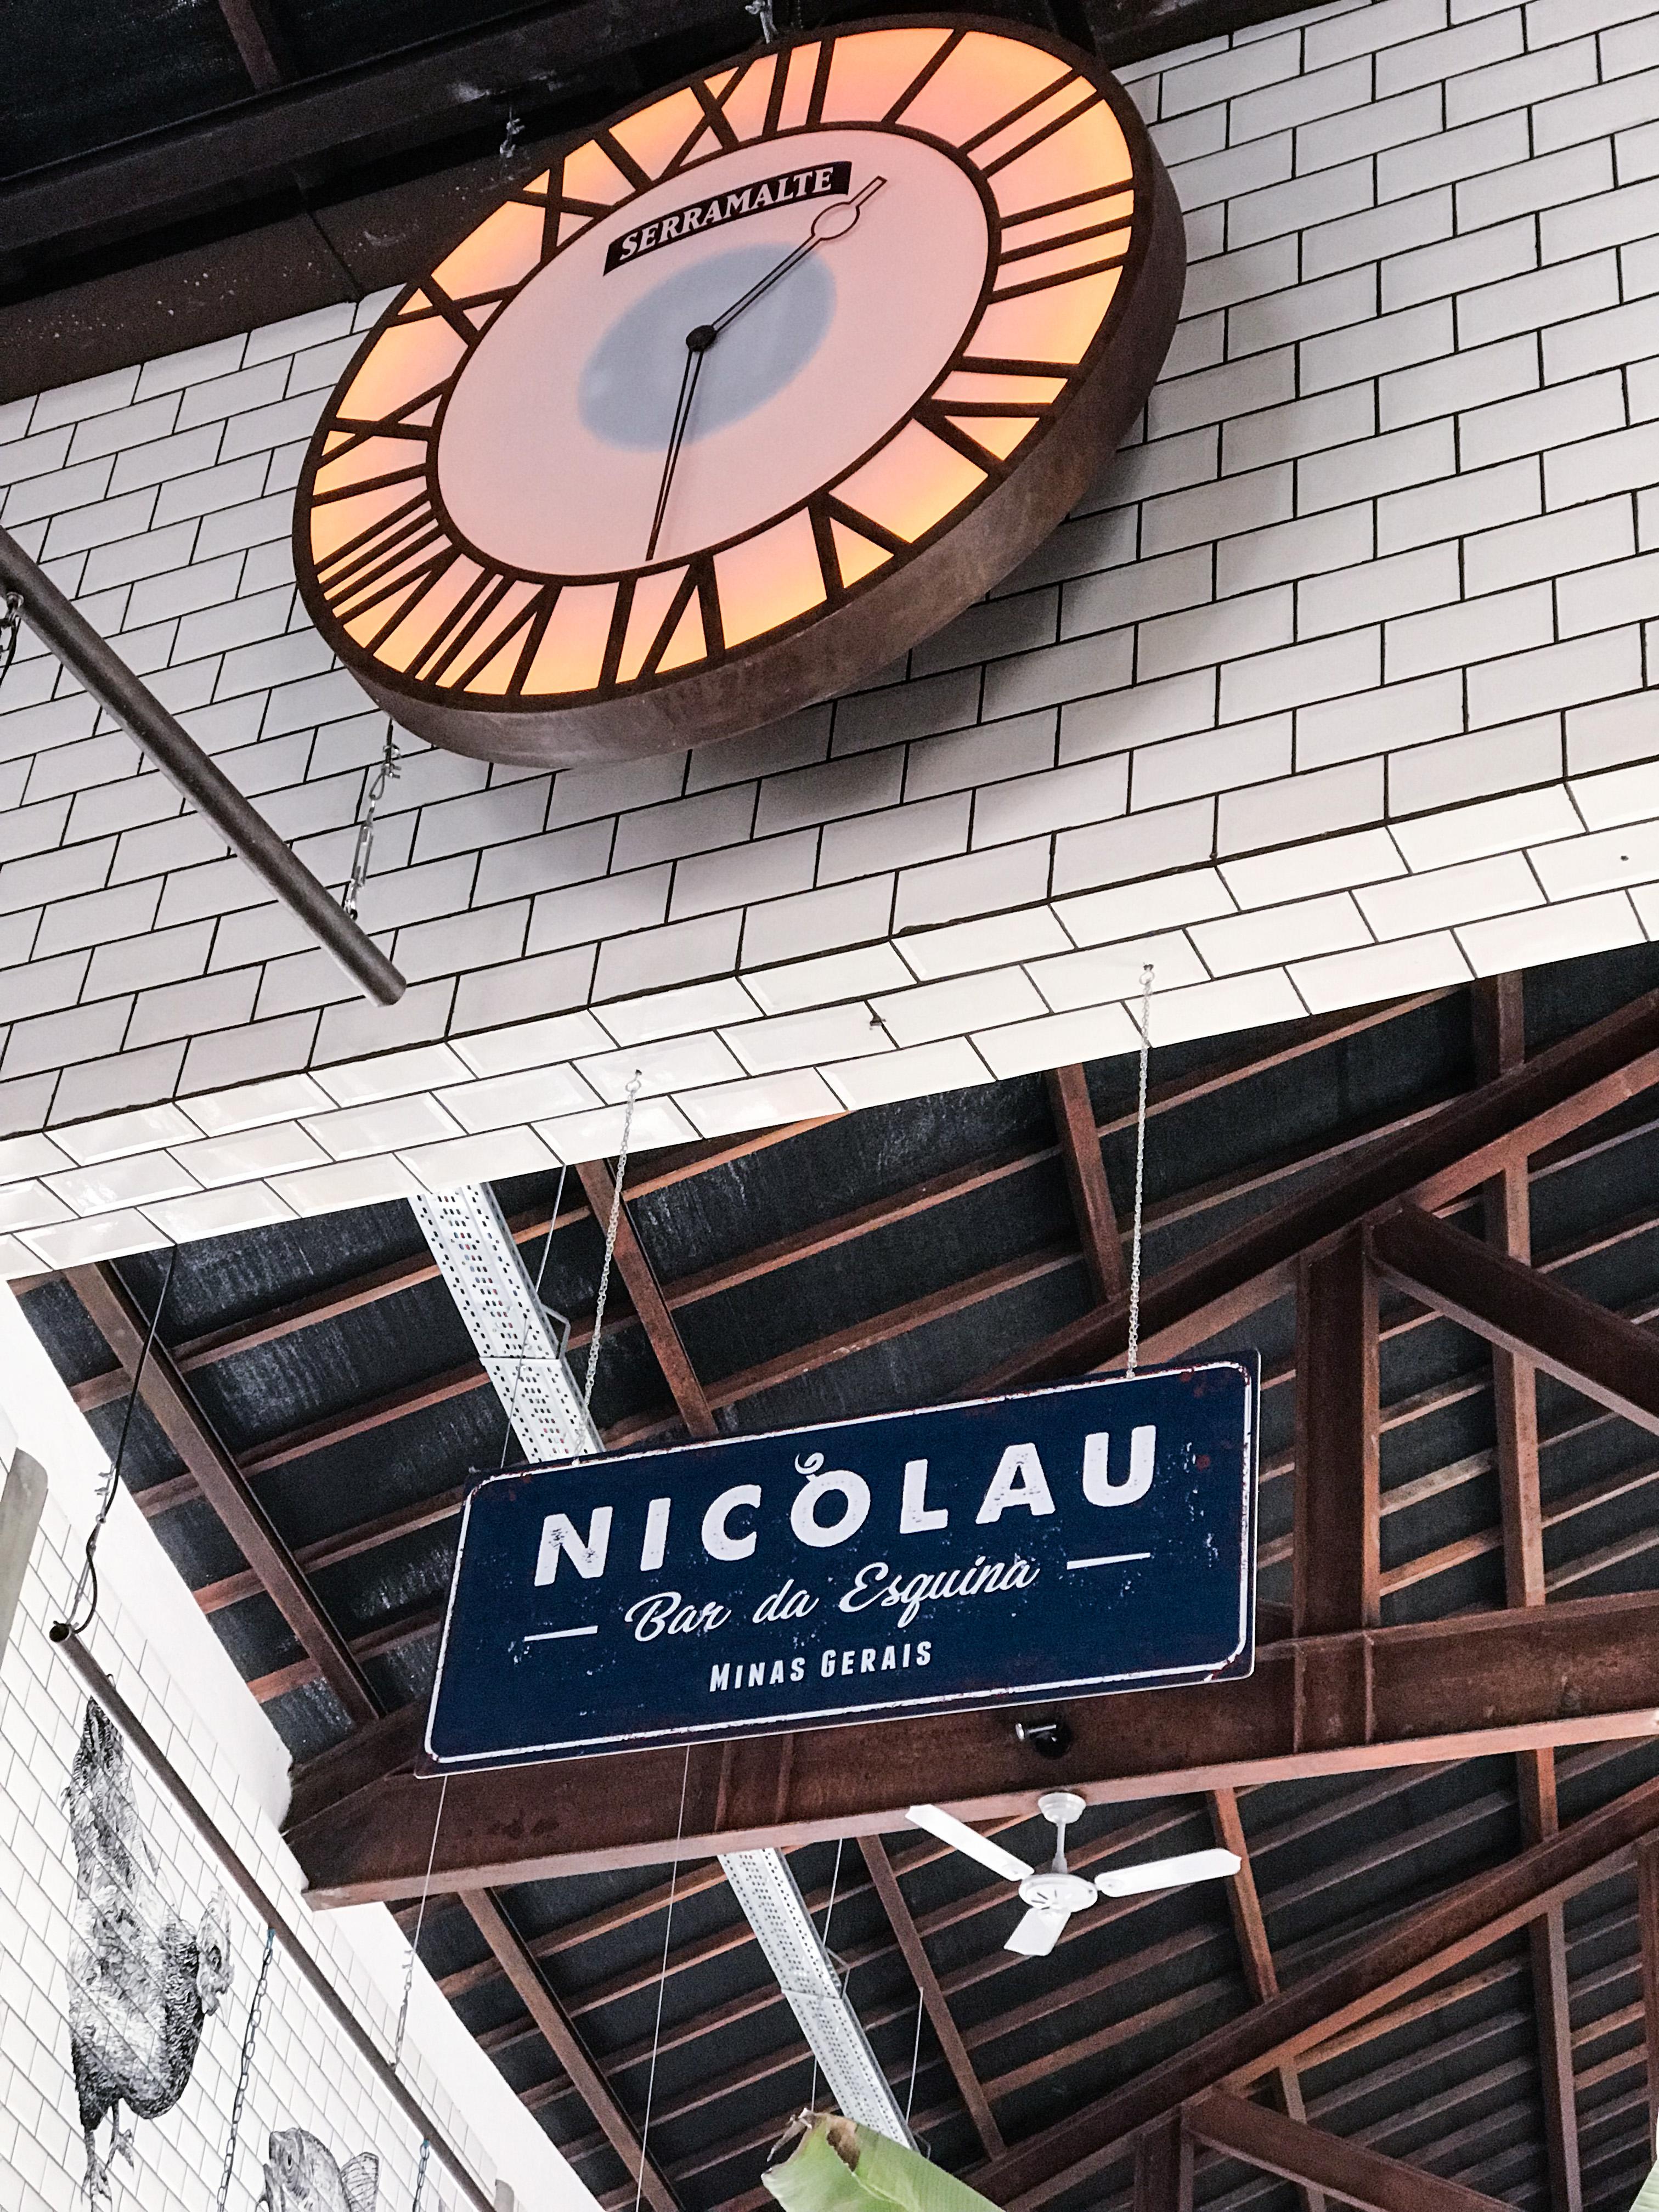 Nicolau Bar da Esquina conhecendo restaurantes Laina